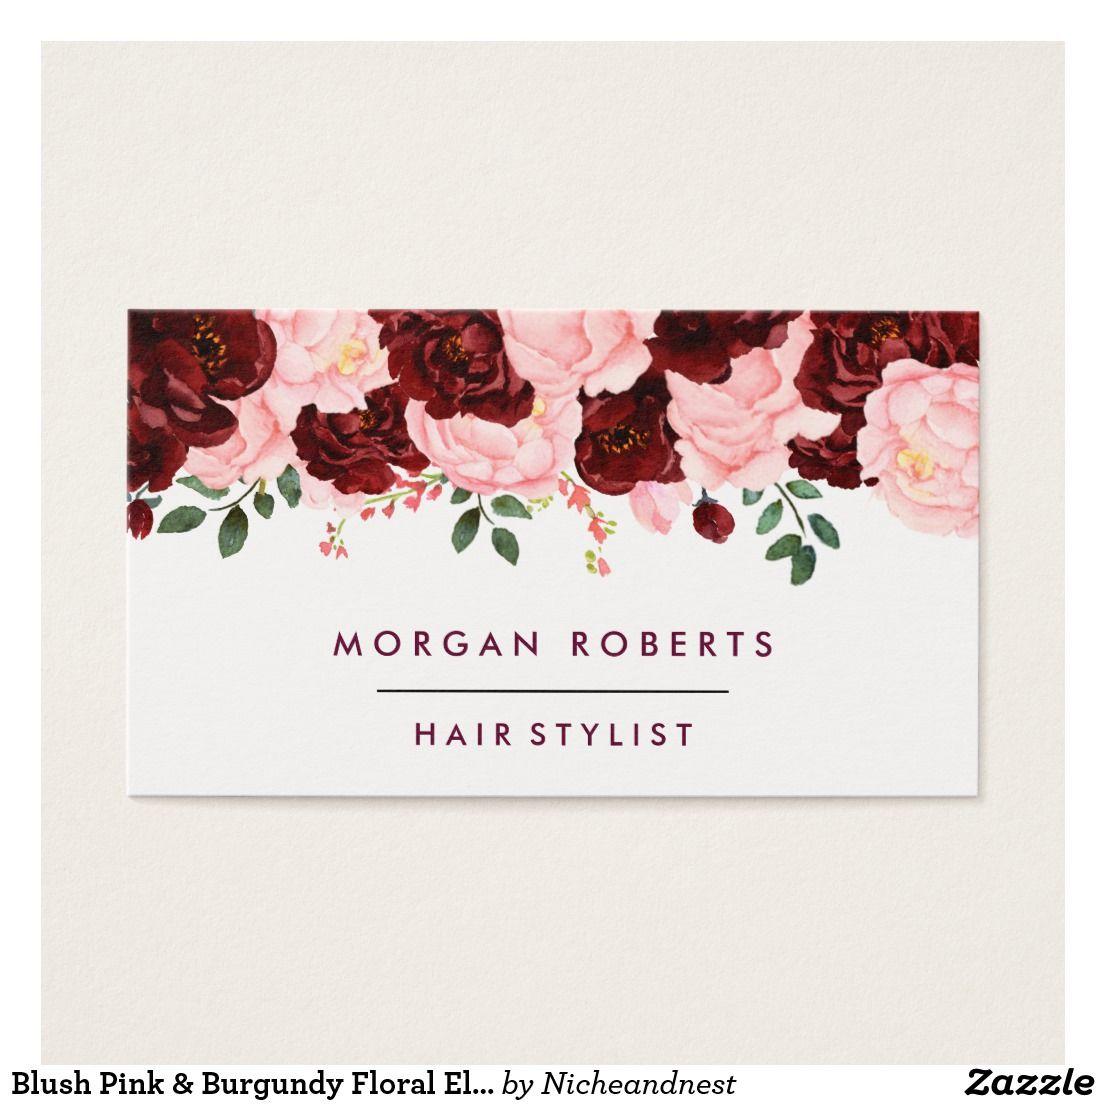 Blush Pink & Burgundy Floral Elegant Flower Business Card ...